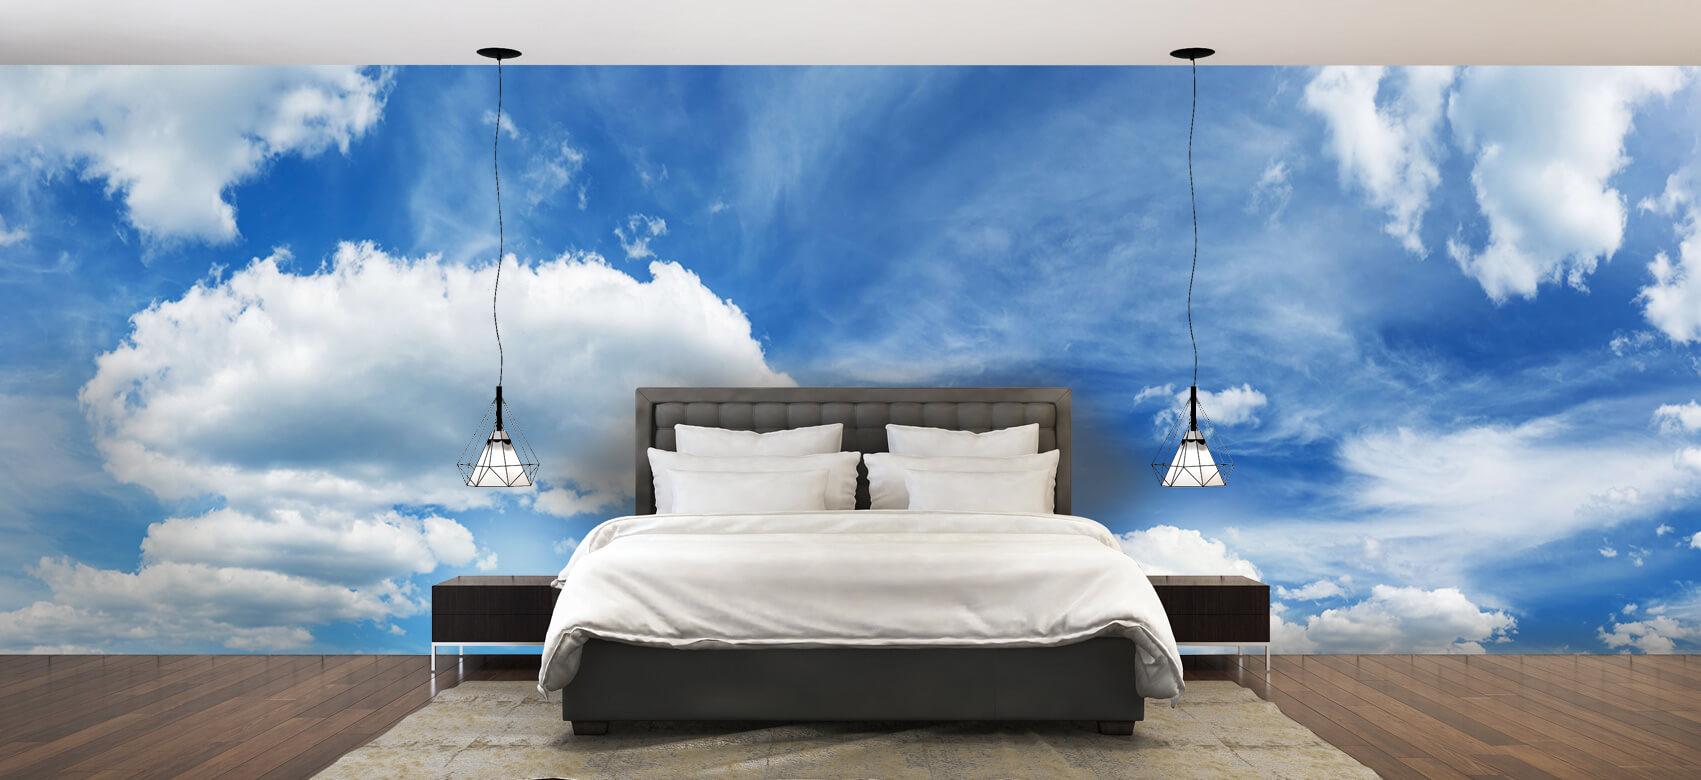 Natuur Blauwe lucht met wolken 2